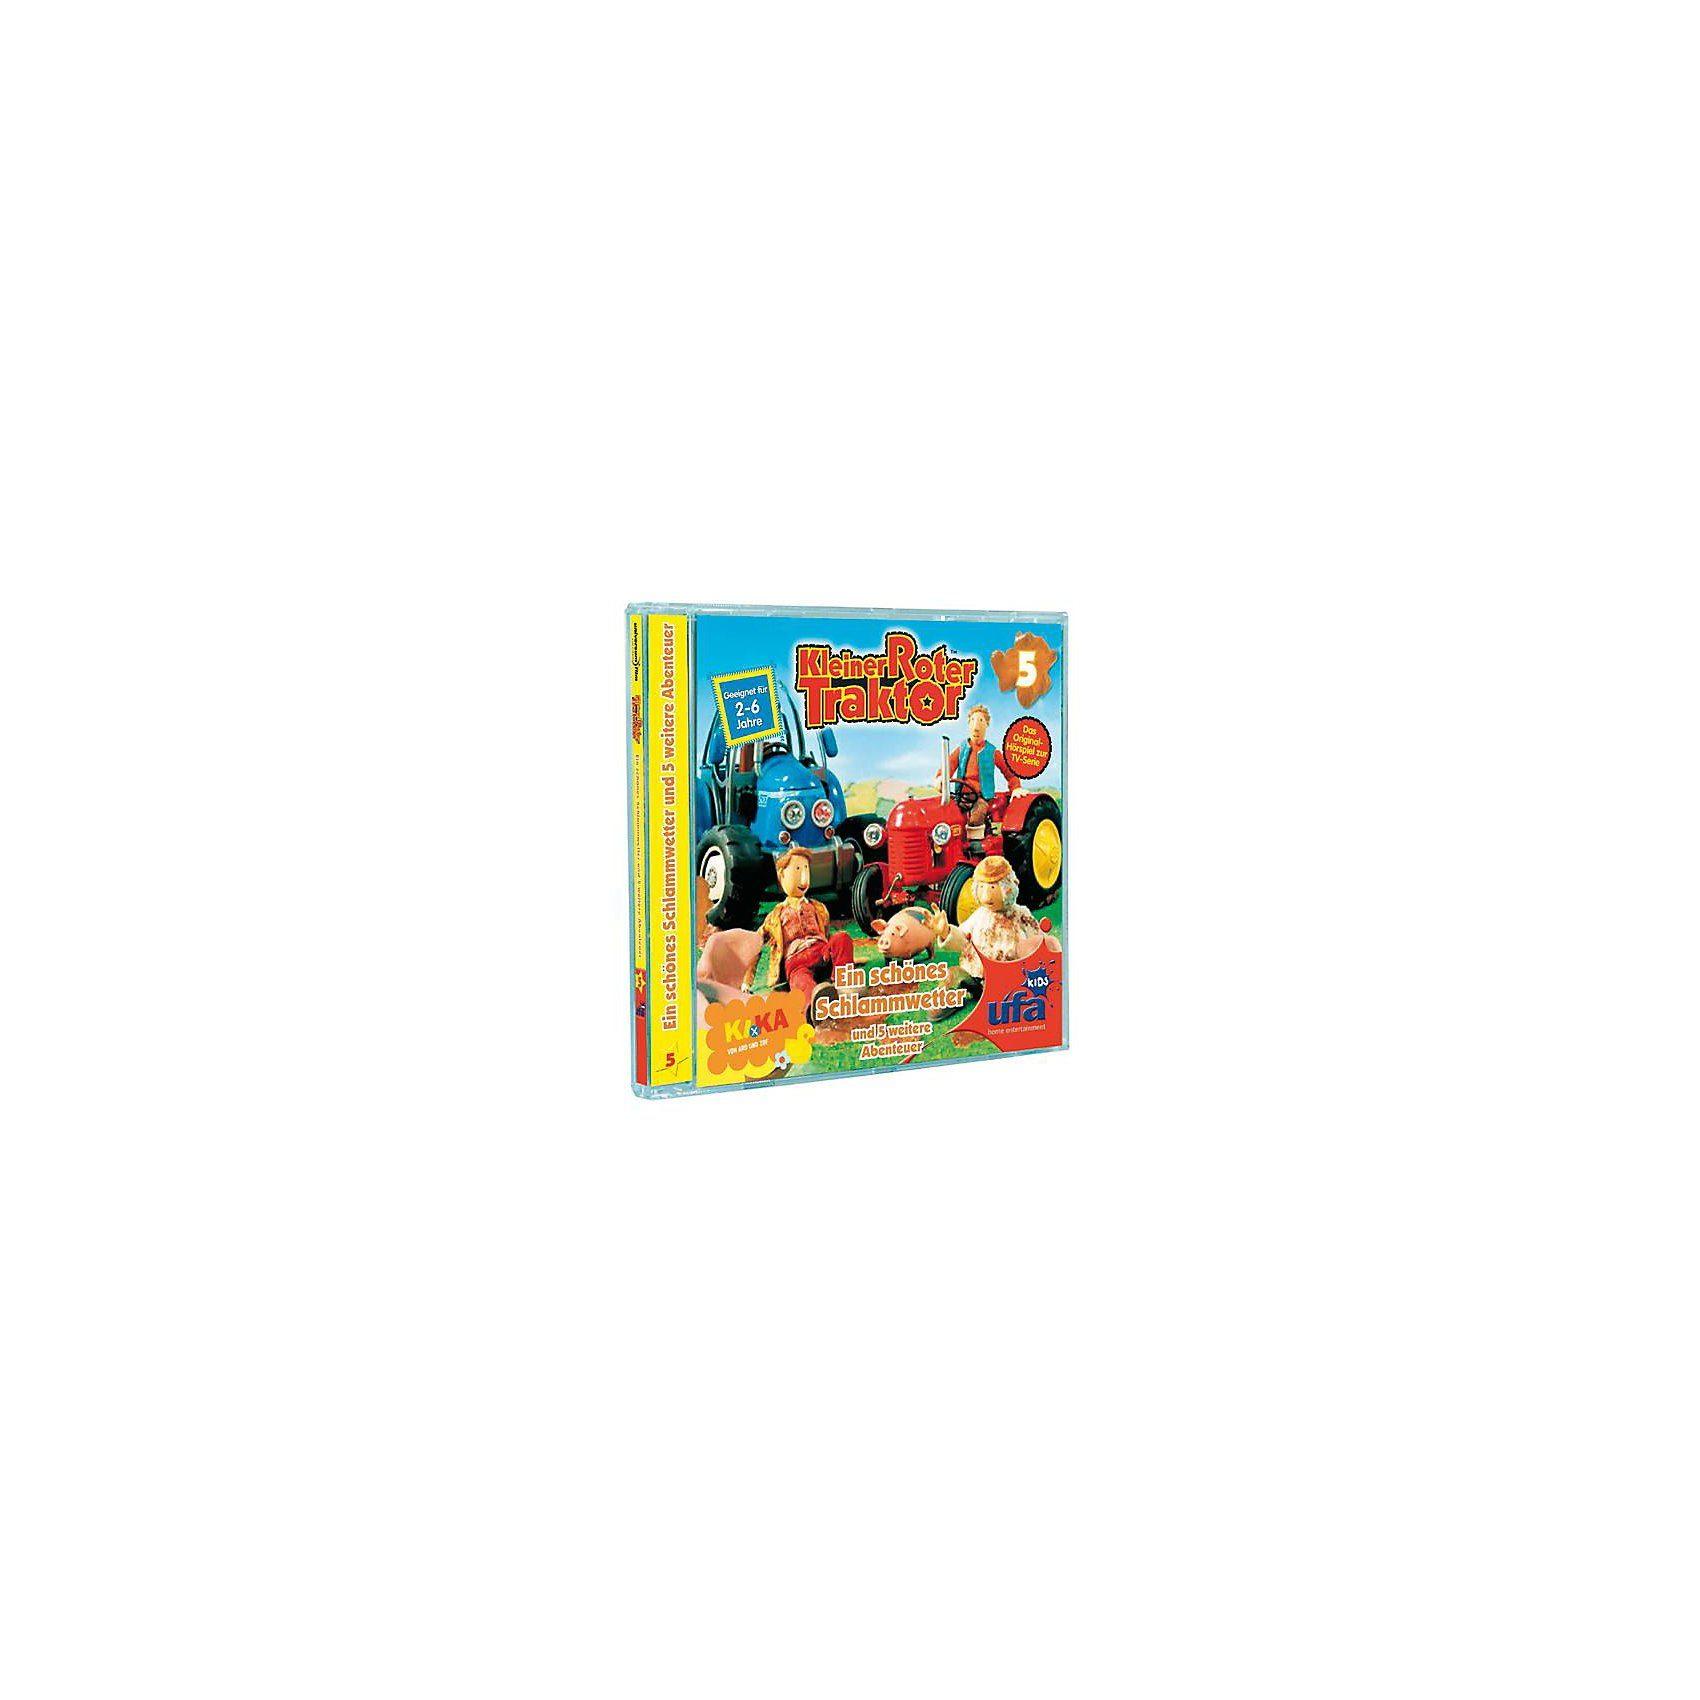 Sony CD Kleiner Roter Traktor 05: Ein schönes Schlammwetter